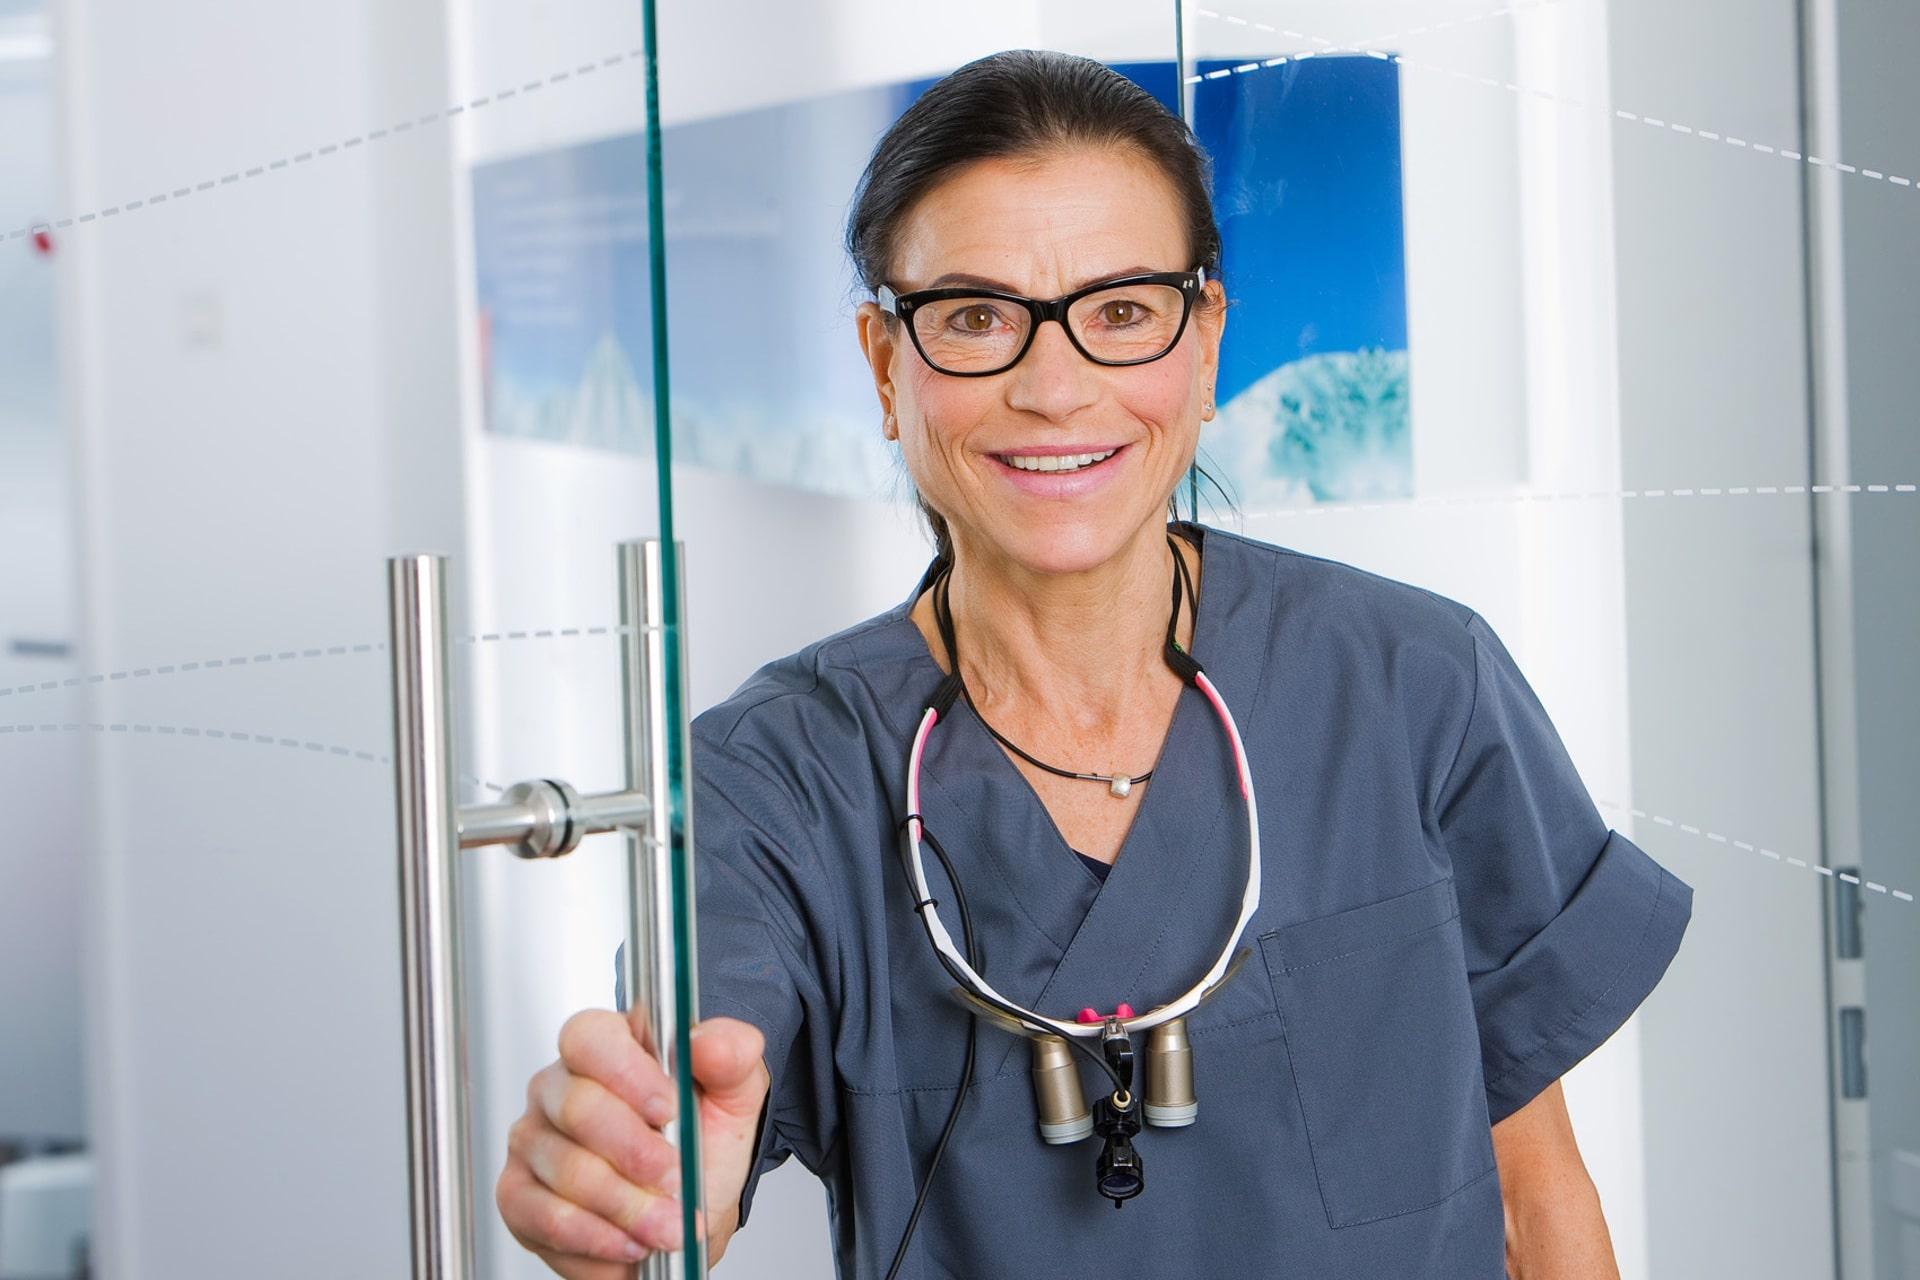 Zahnärztin der Zahnärtzlichen Praxisklinik Herne (Wanne-Eickel) - Frau Dr. Wiedemann